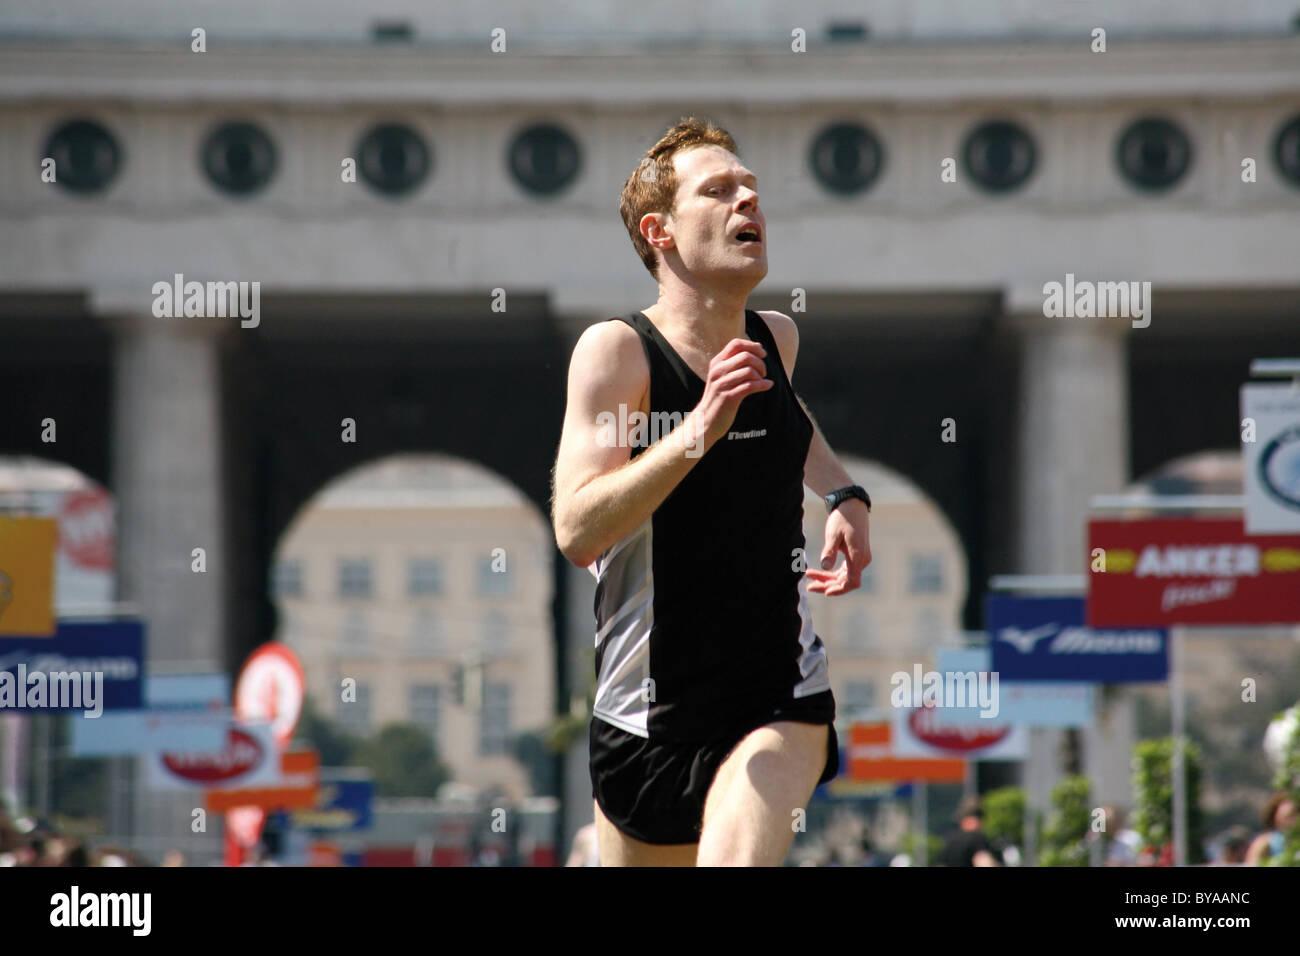 Der Räuber Year : 2010 Germany / Austria Director : Benjamin Heisenberg Andreas Lust - Stock Image